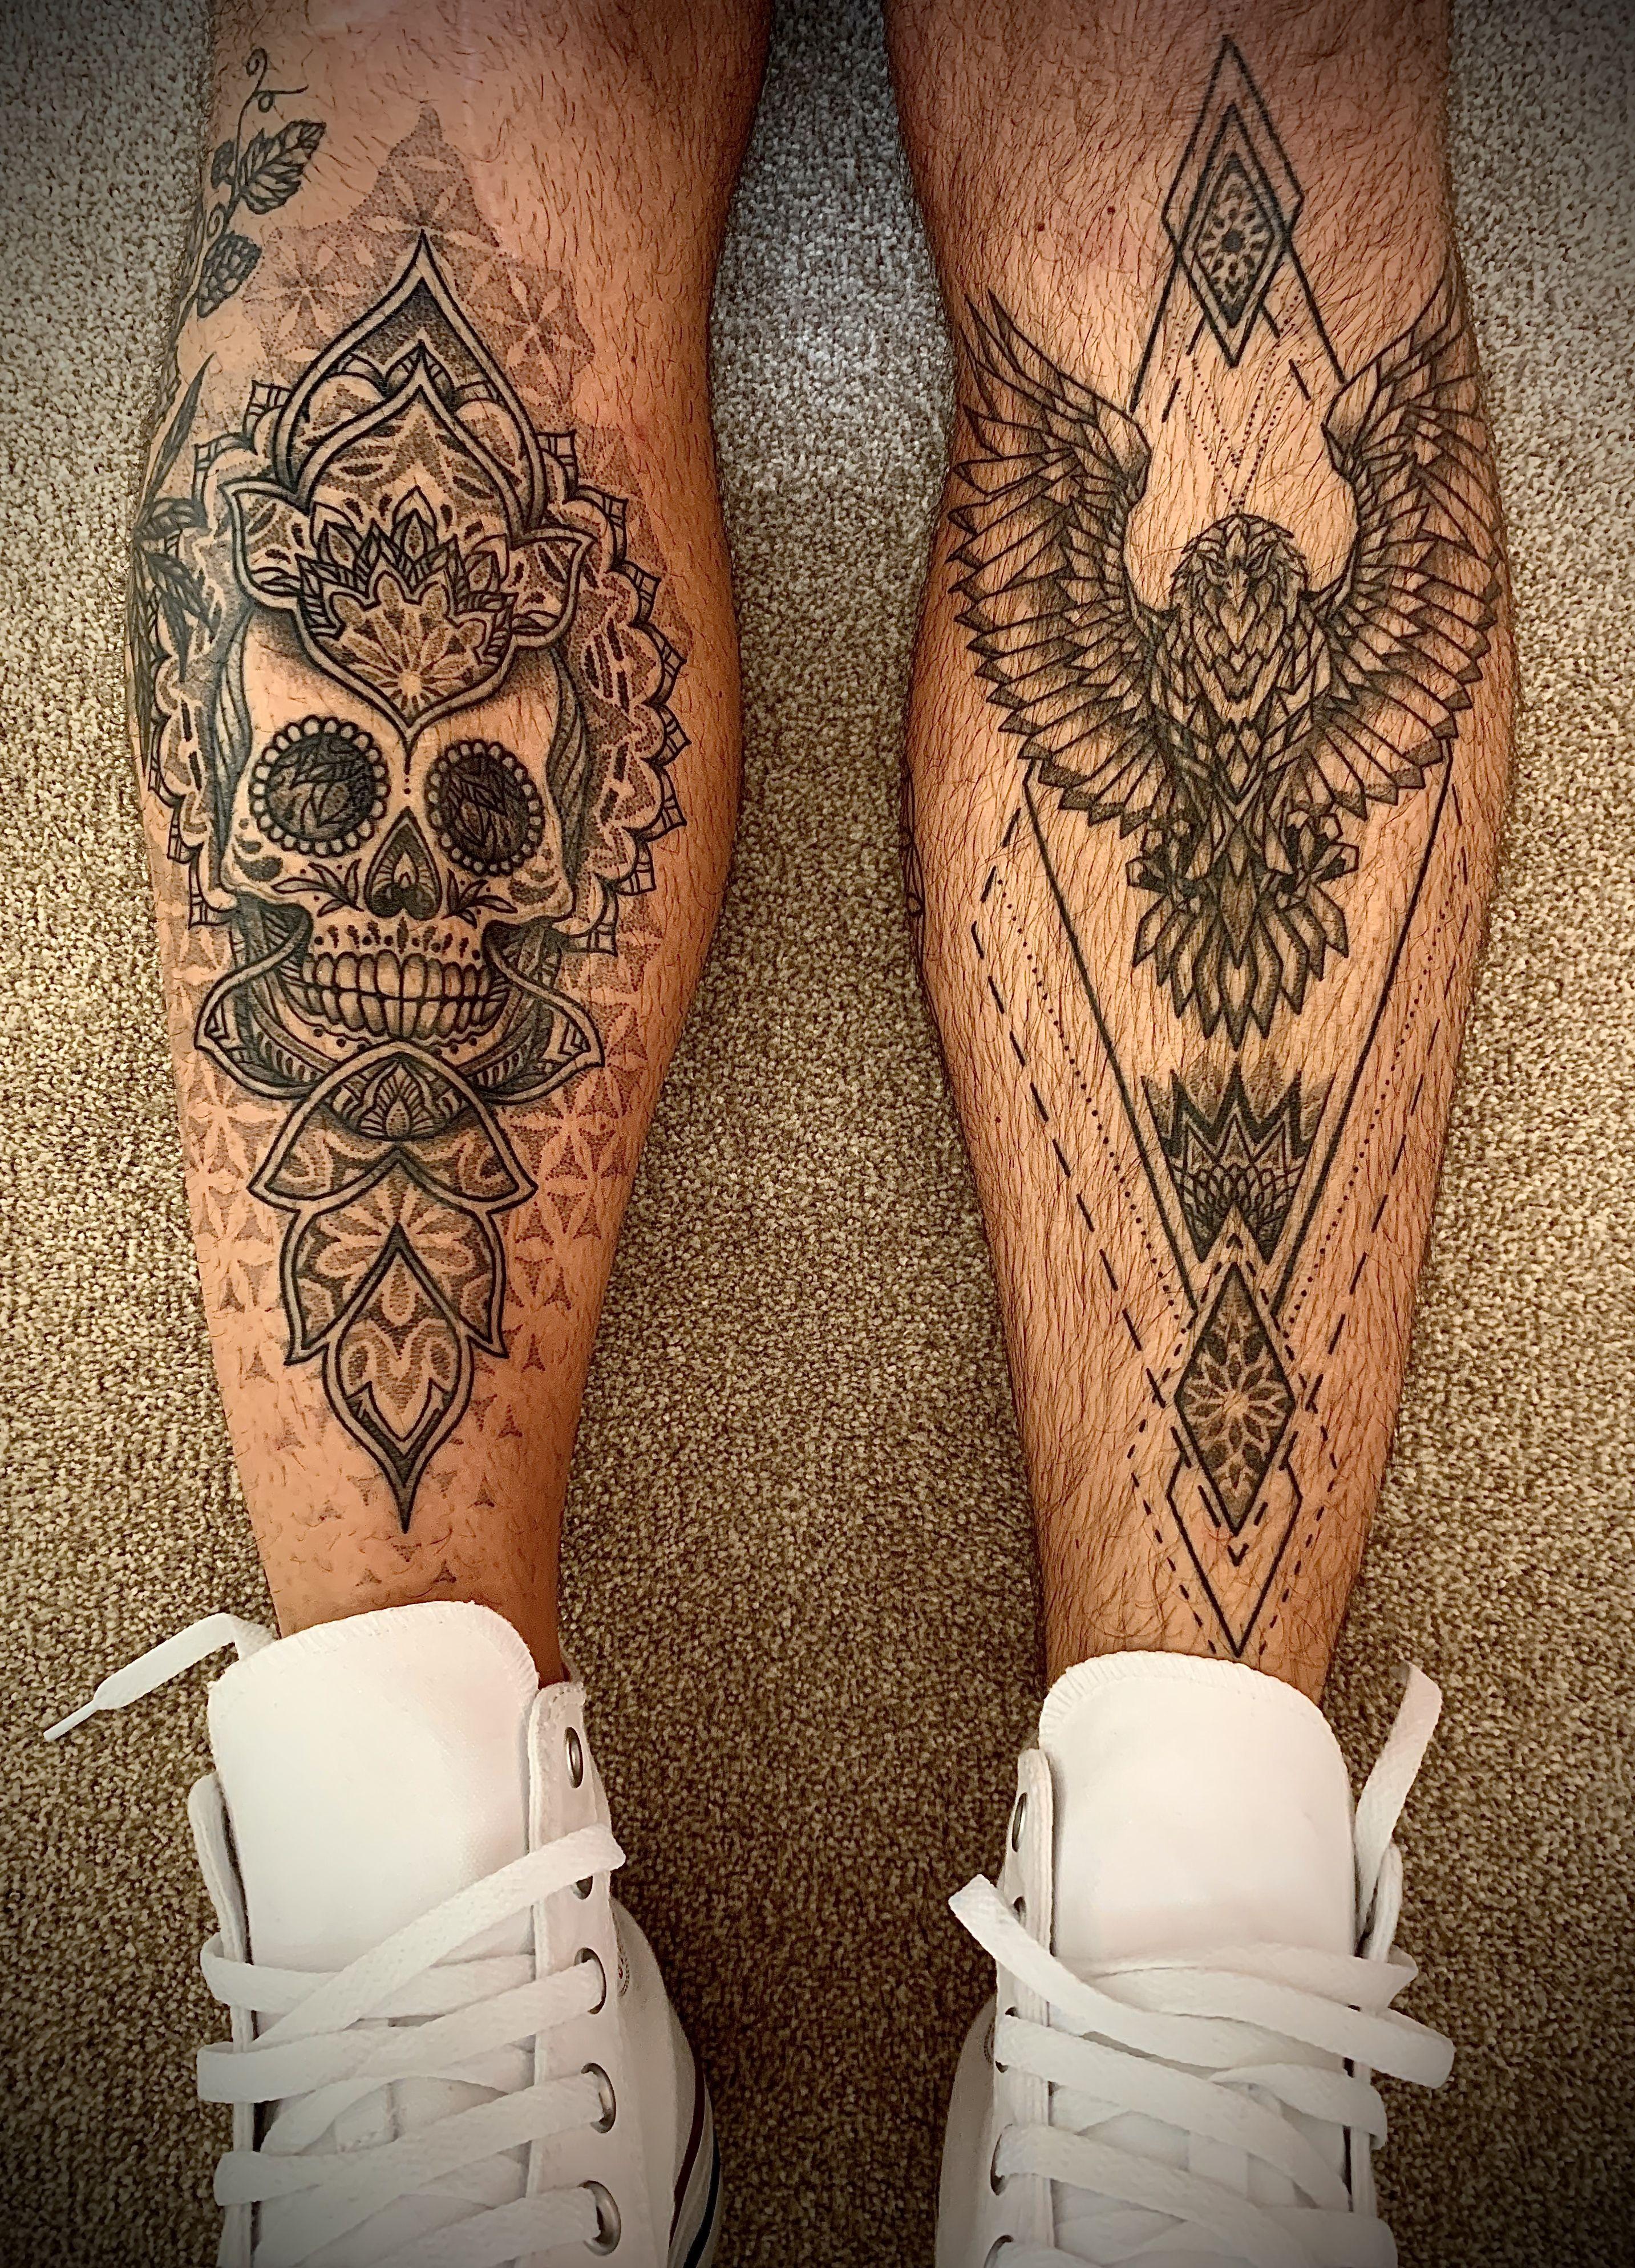 Pin De Ignacio Vidal En Tattoo Ideas Tatuajes Pierna Tatuajes Pierna Hombre Hombres Tatuajes